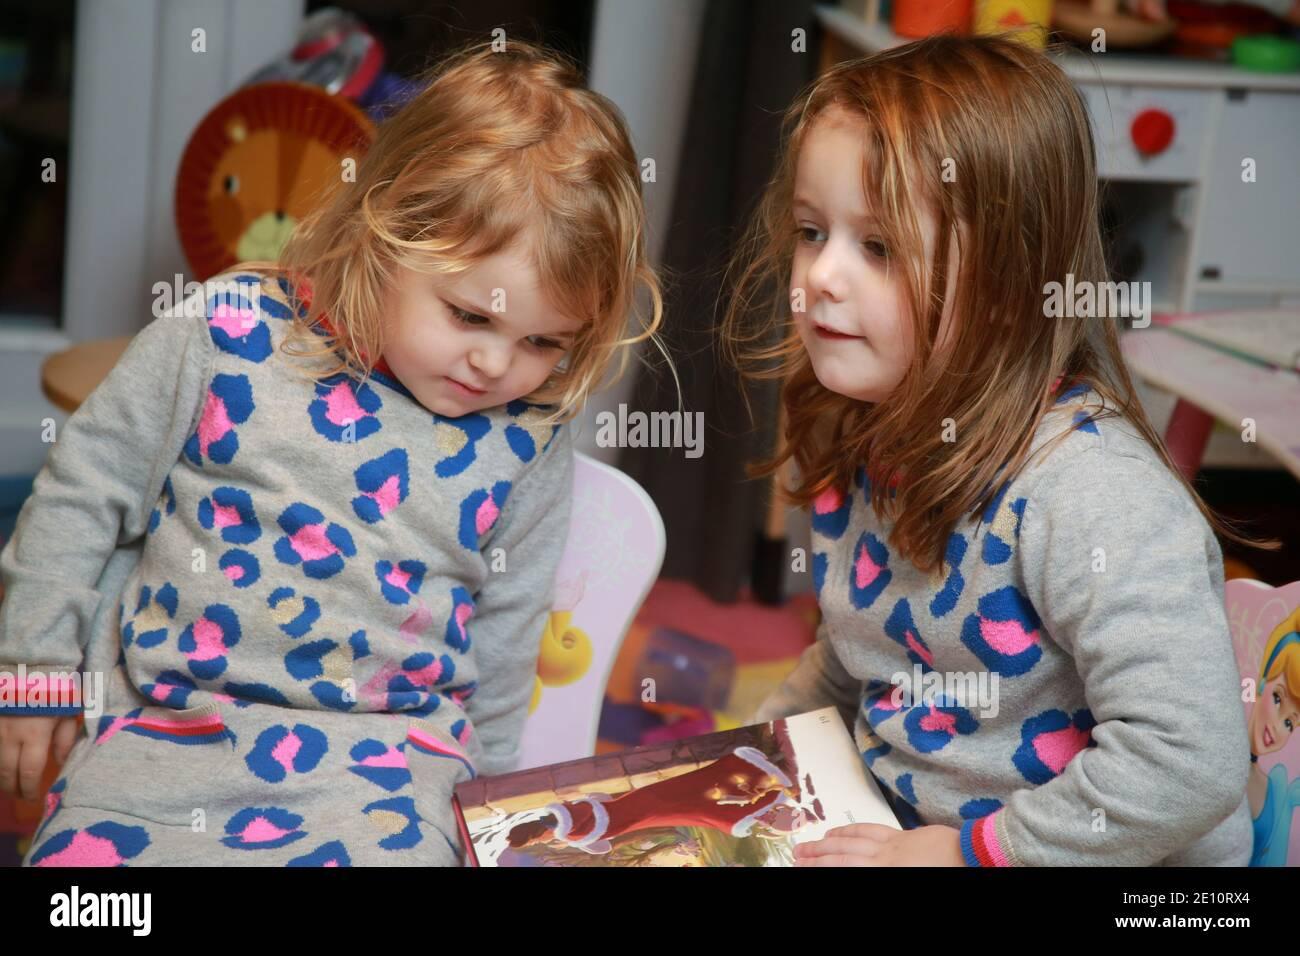 Ein 4-jähriges Mädchen, das ihrer kleinen Schwester ein Buch vorlas. Stockfoto